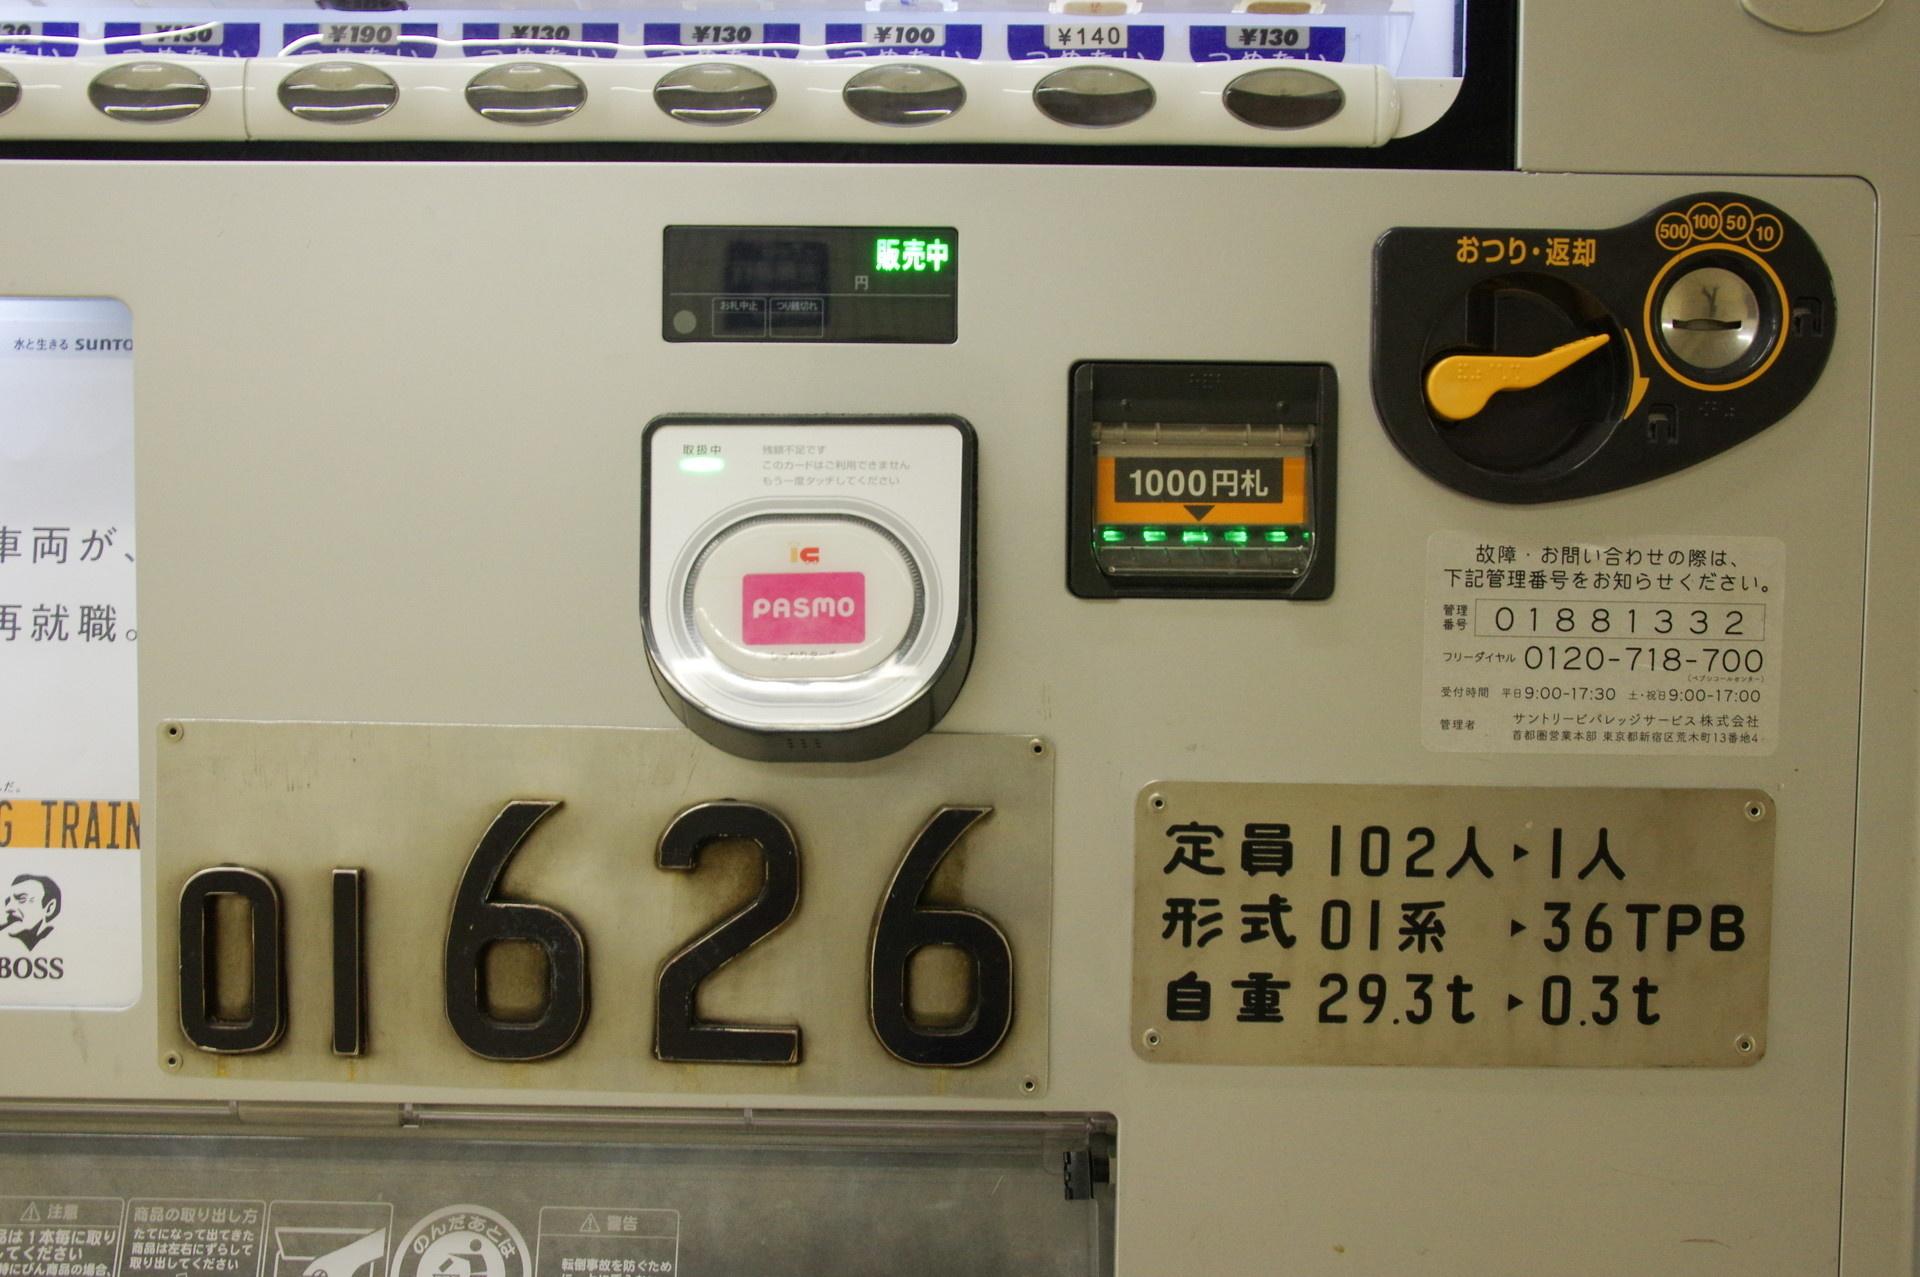 車両番号と定員等の標記プレート